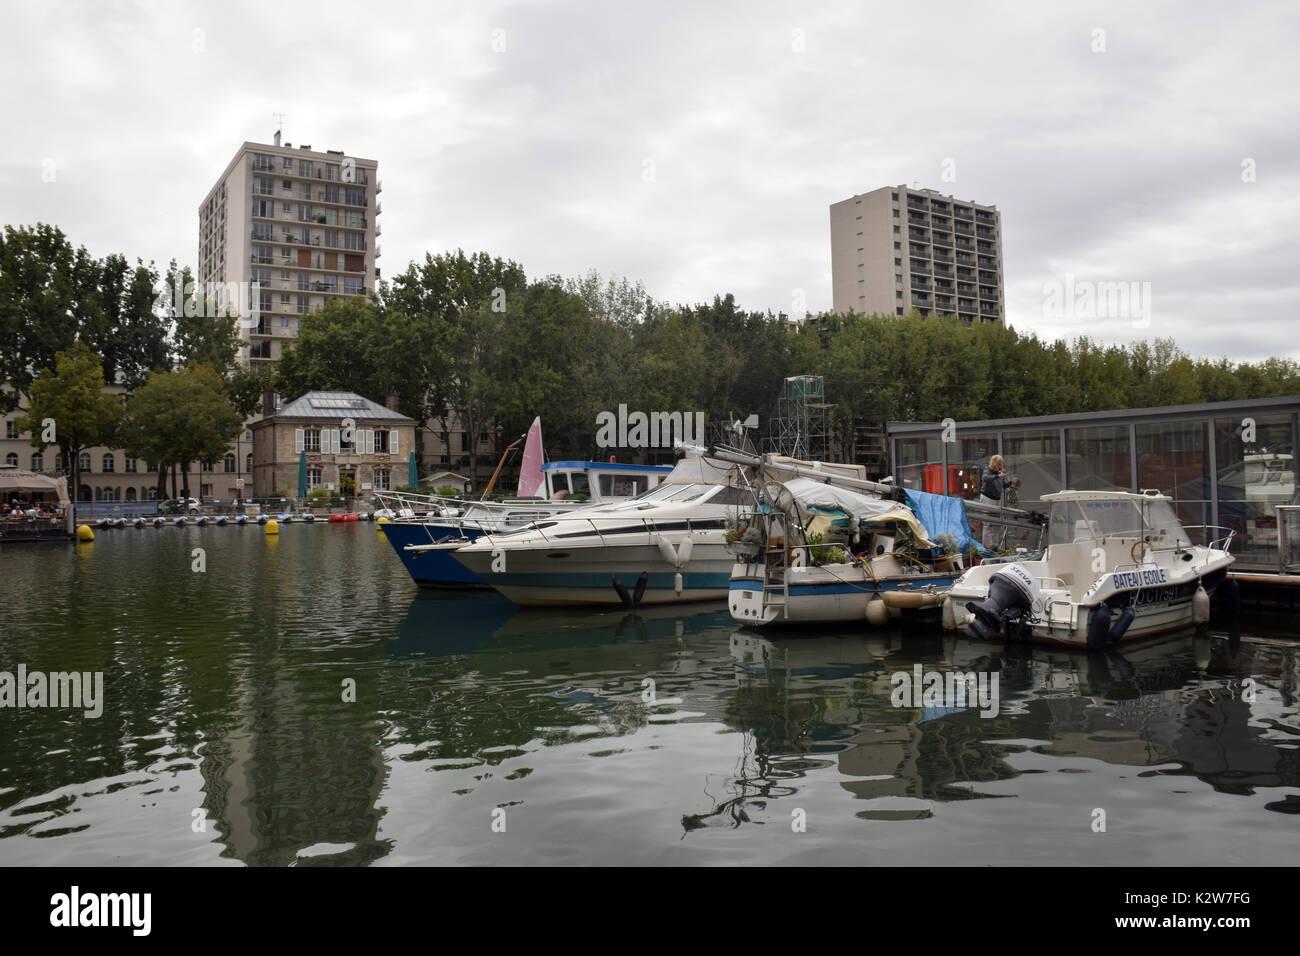 Quai de la Seine, Bassin de la Villette, Paris, France - Stock Image